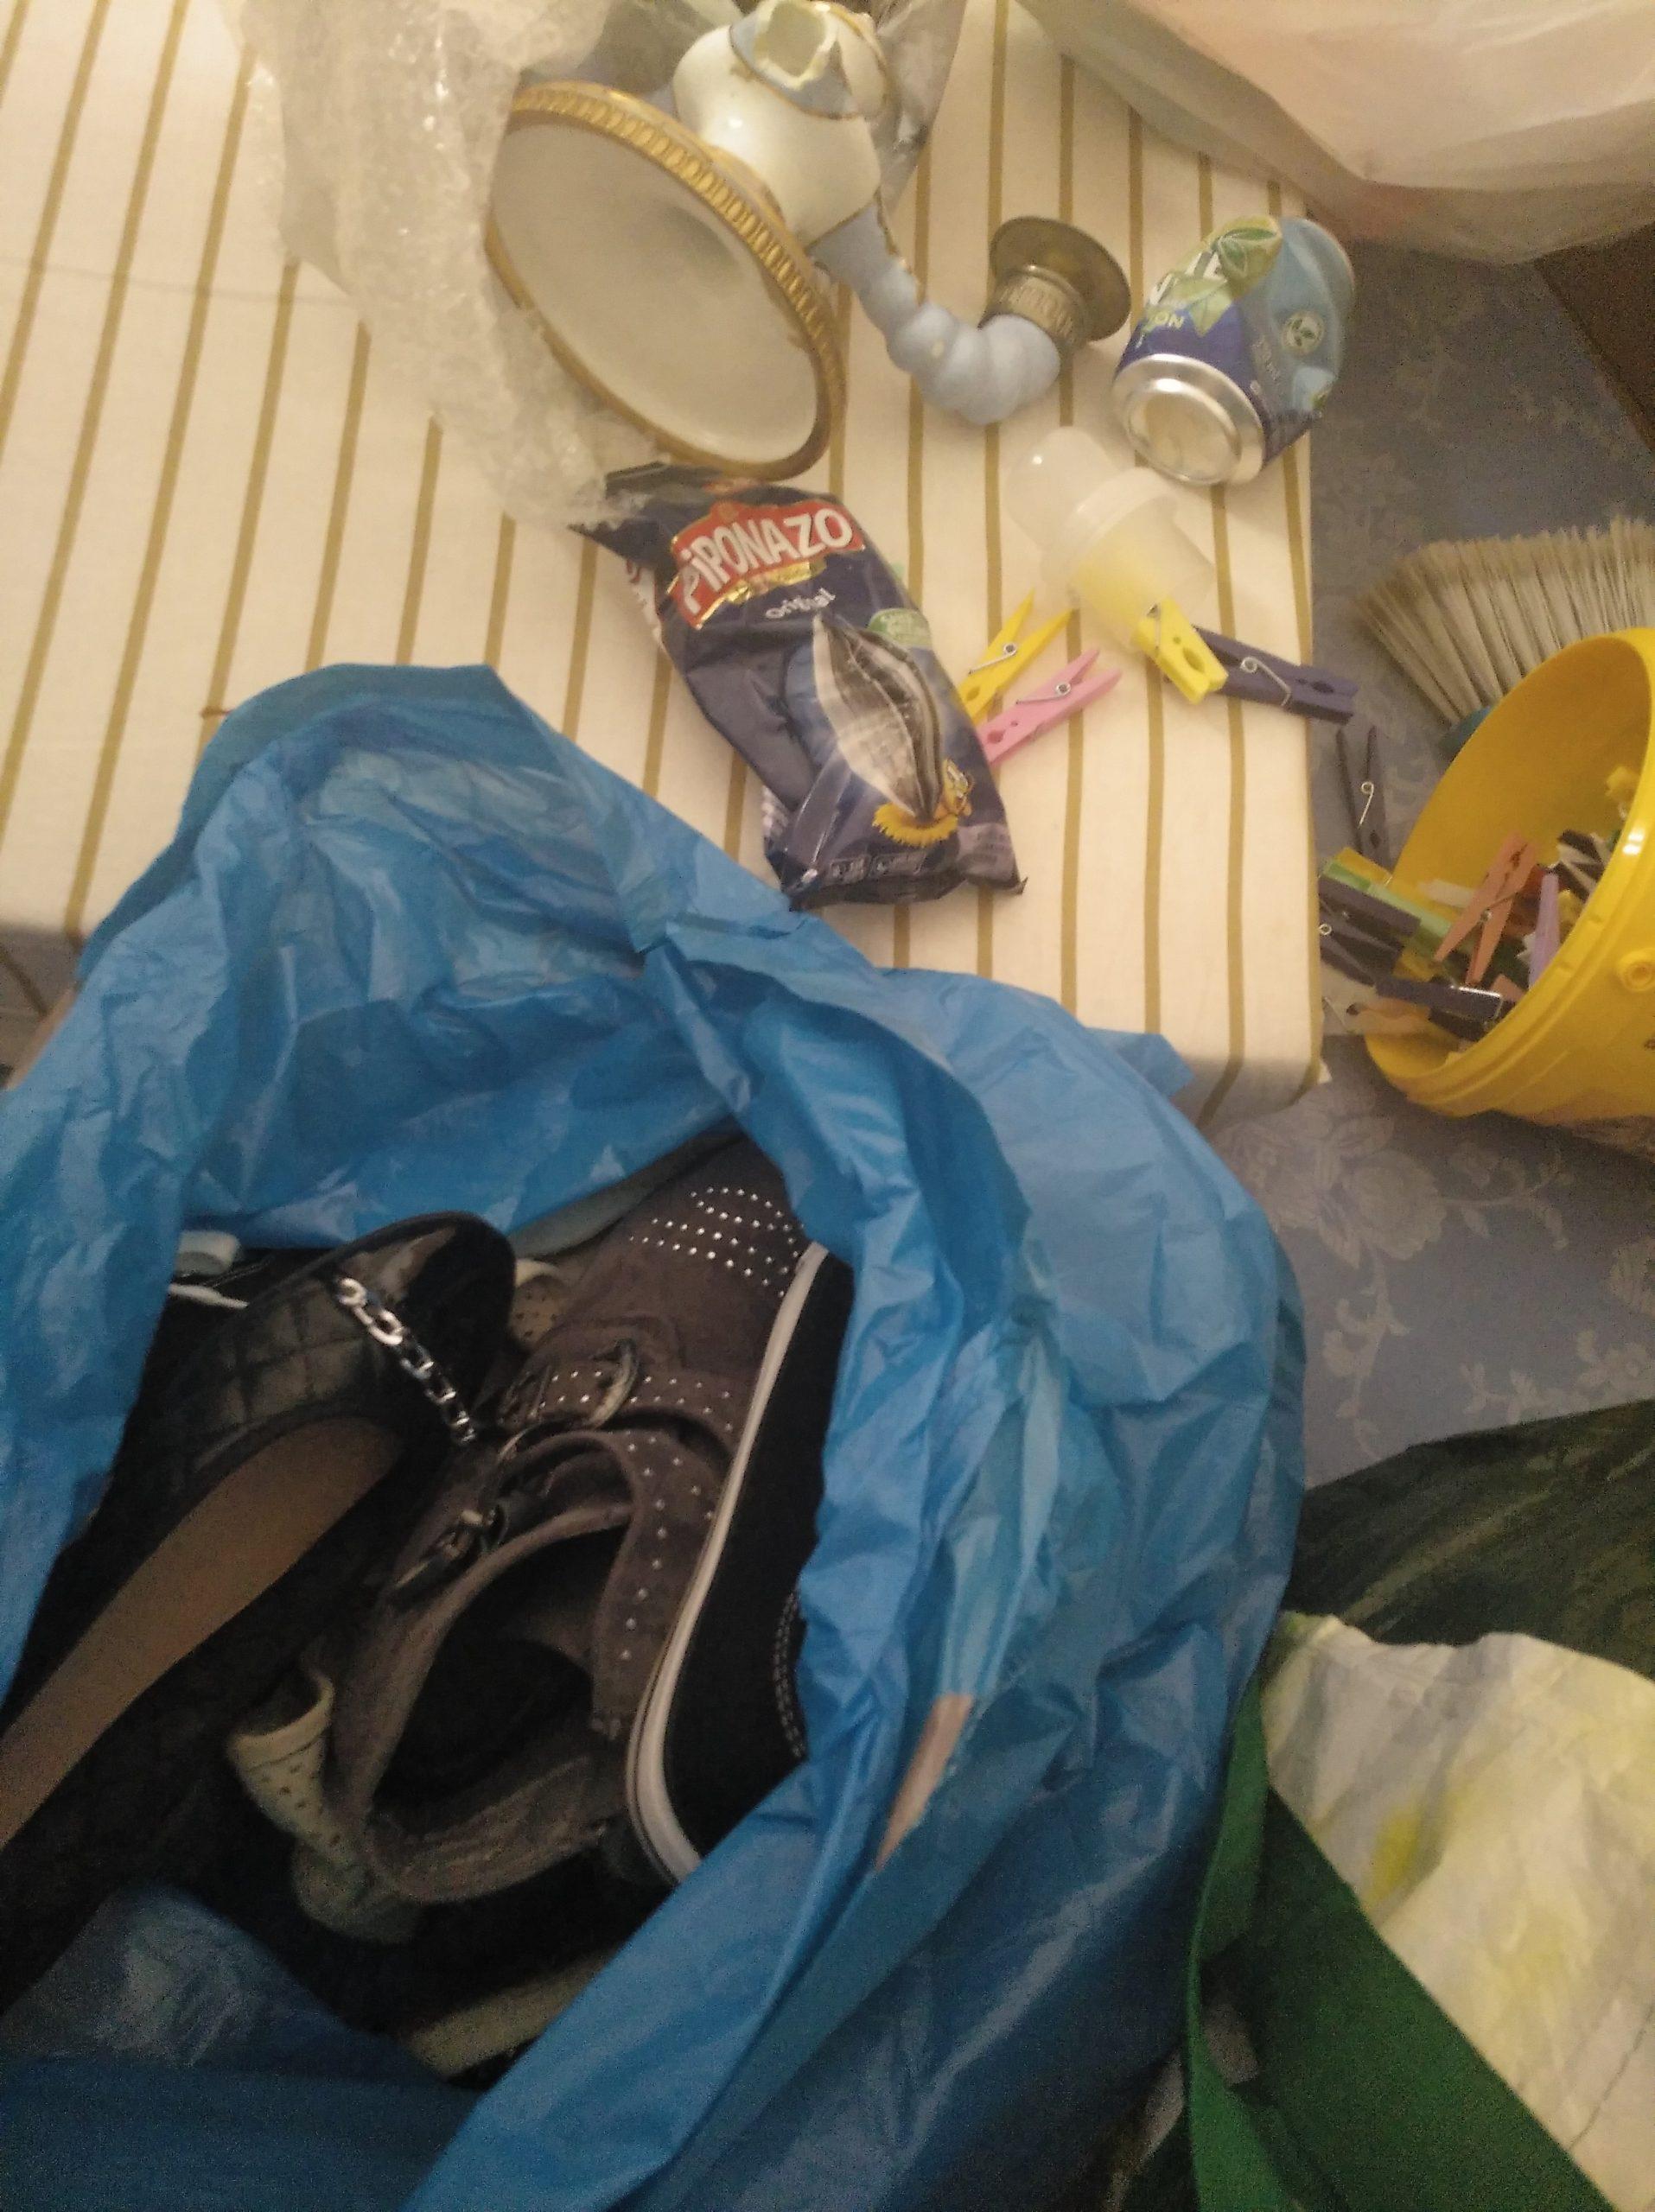 Localizado el ladrón de zapatos de la avenida Asturias